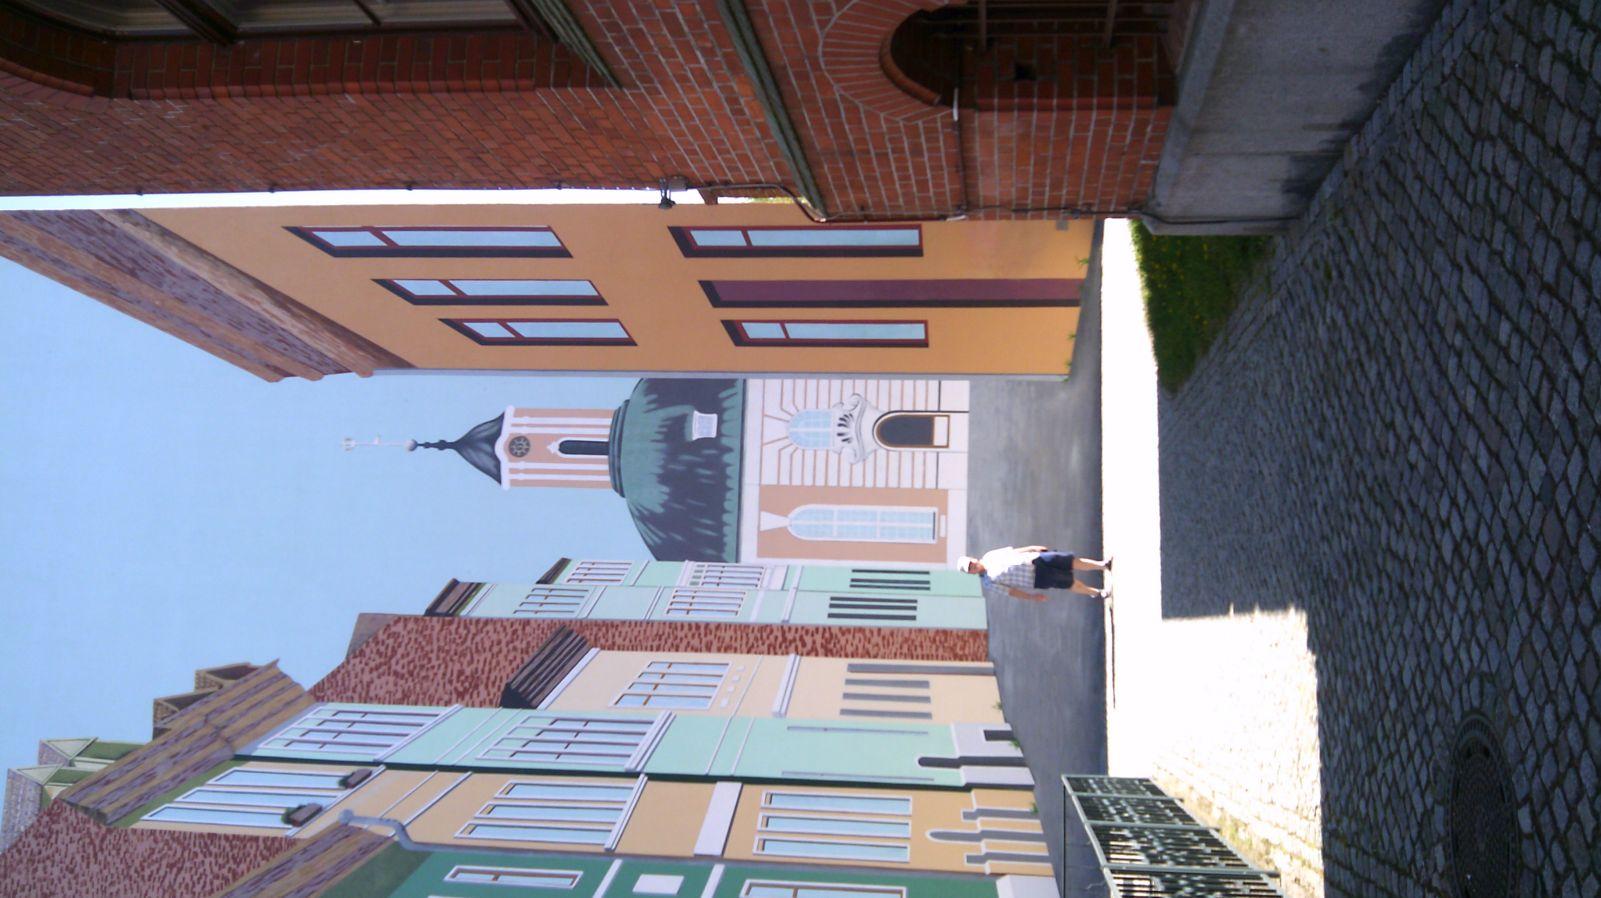 gigantische Fassadenmalerei in Schwedt an der Oder  - Was ist echt?